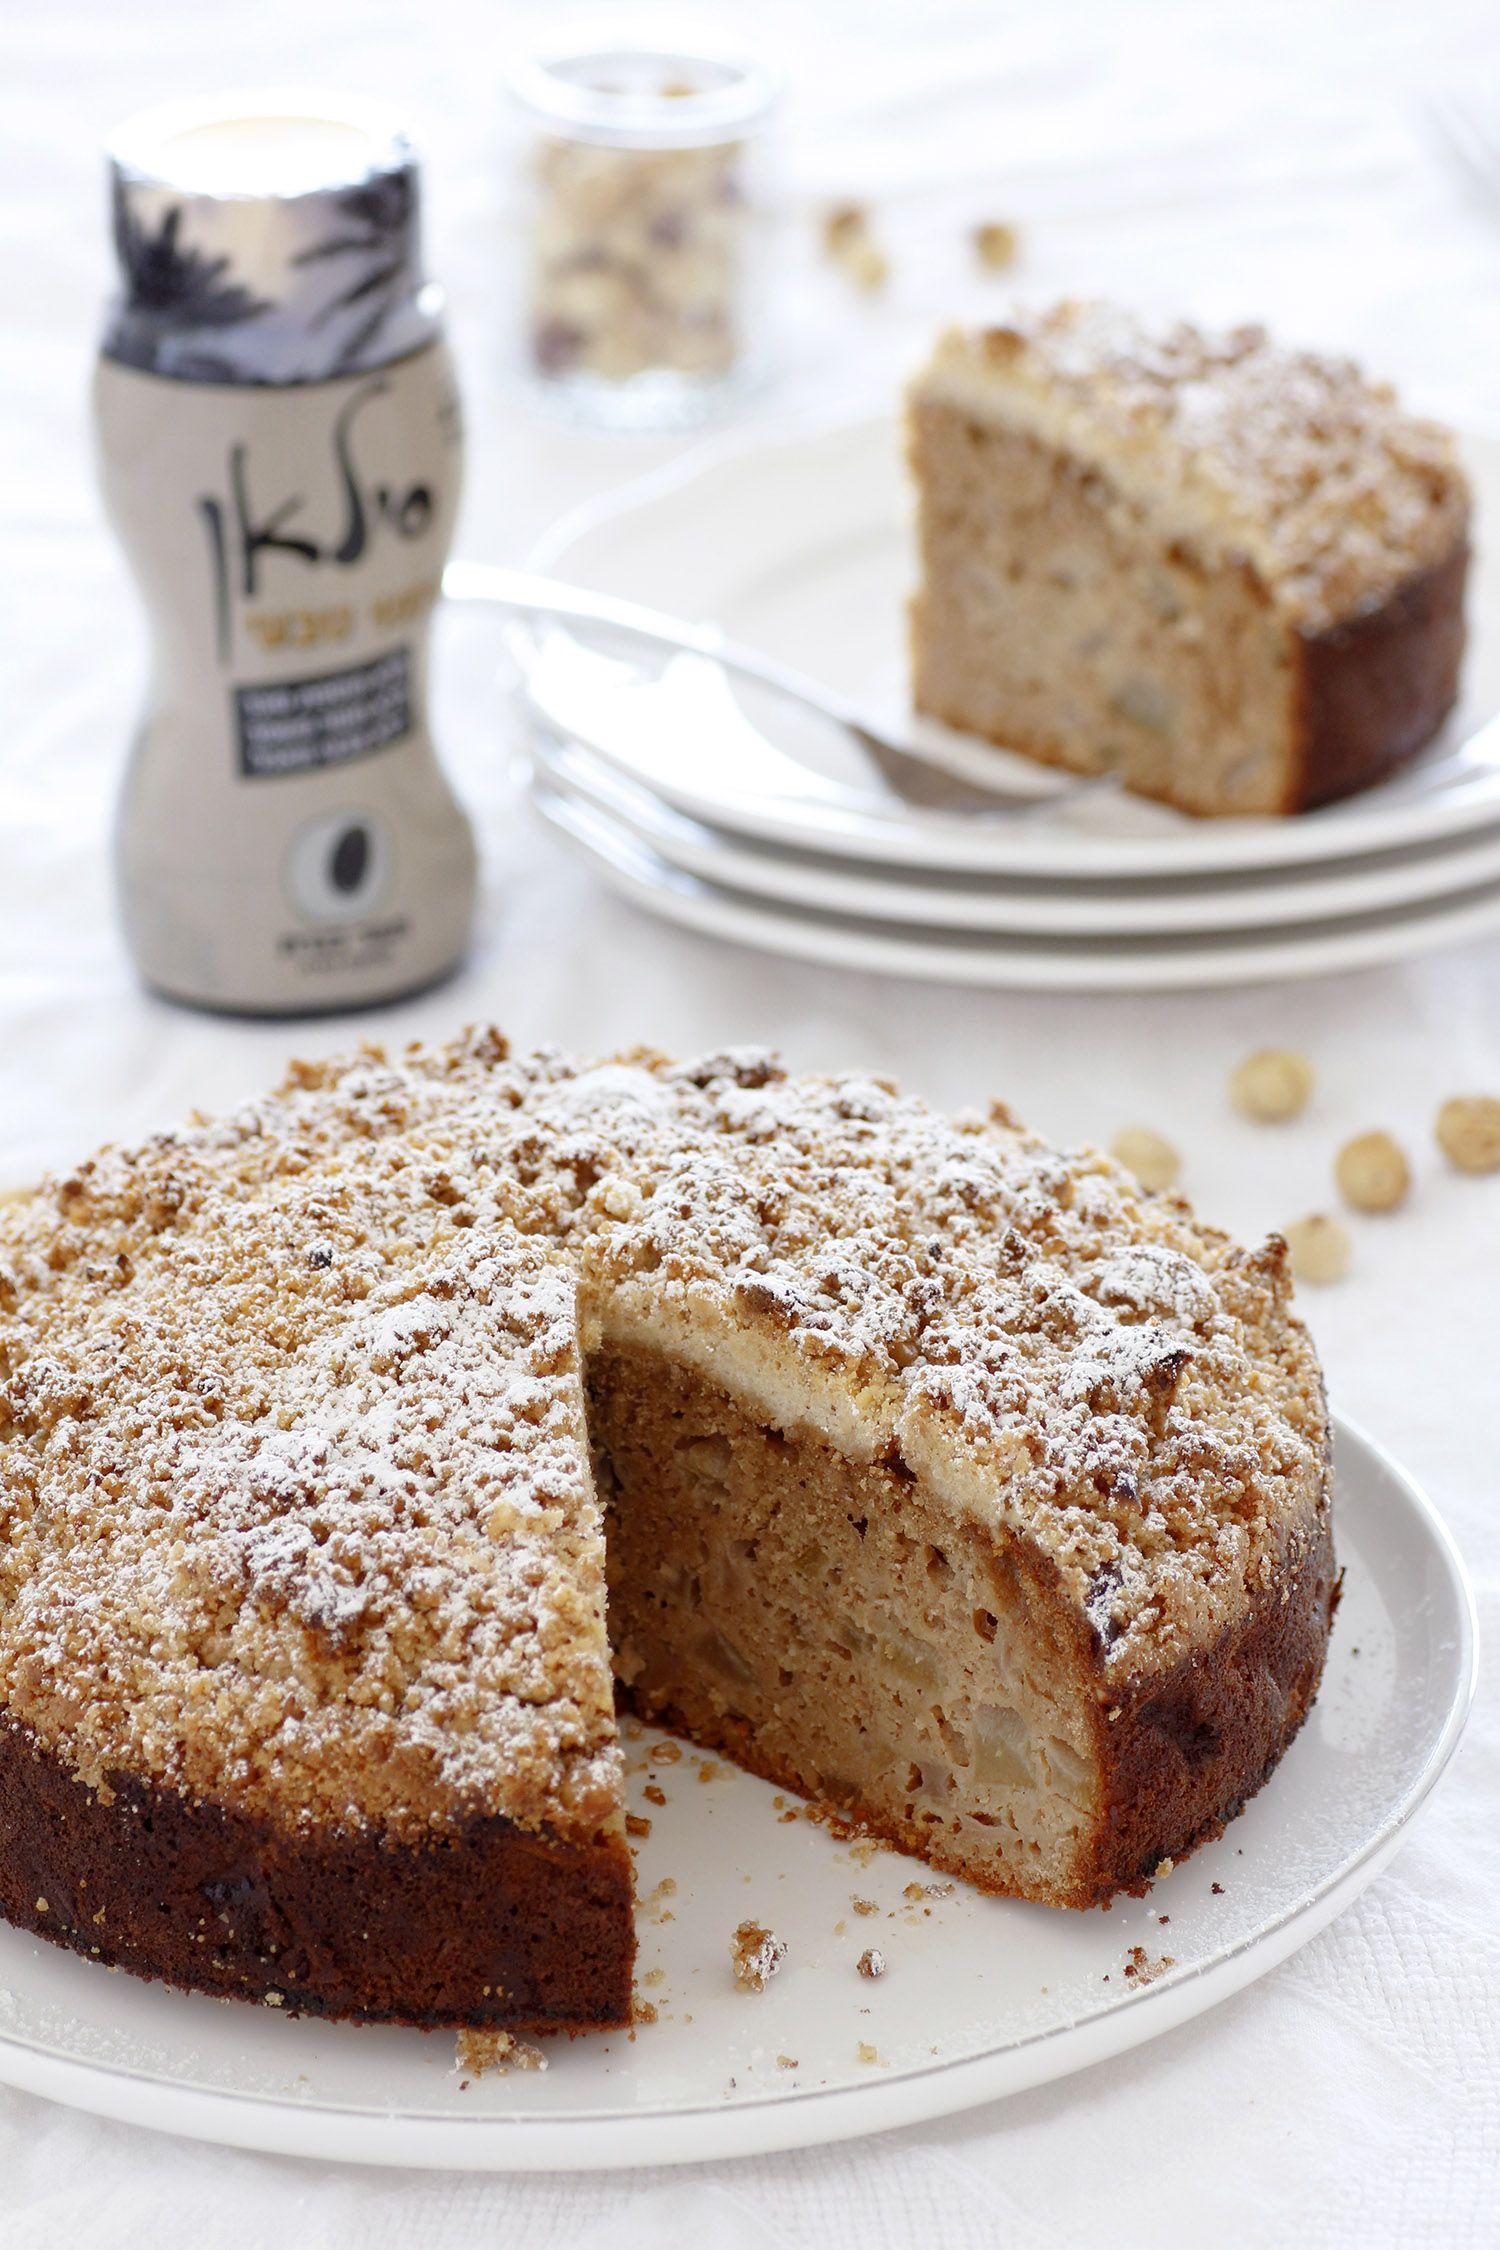 עוגת אגסים וסילאן עם קראמבל אגוזי לוז